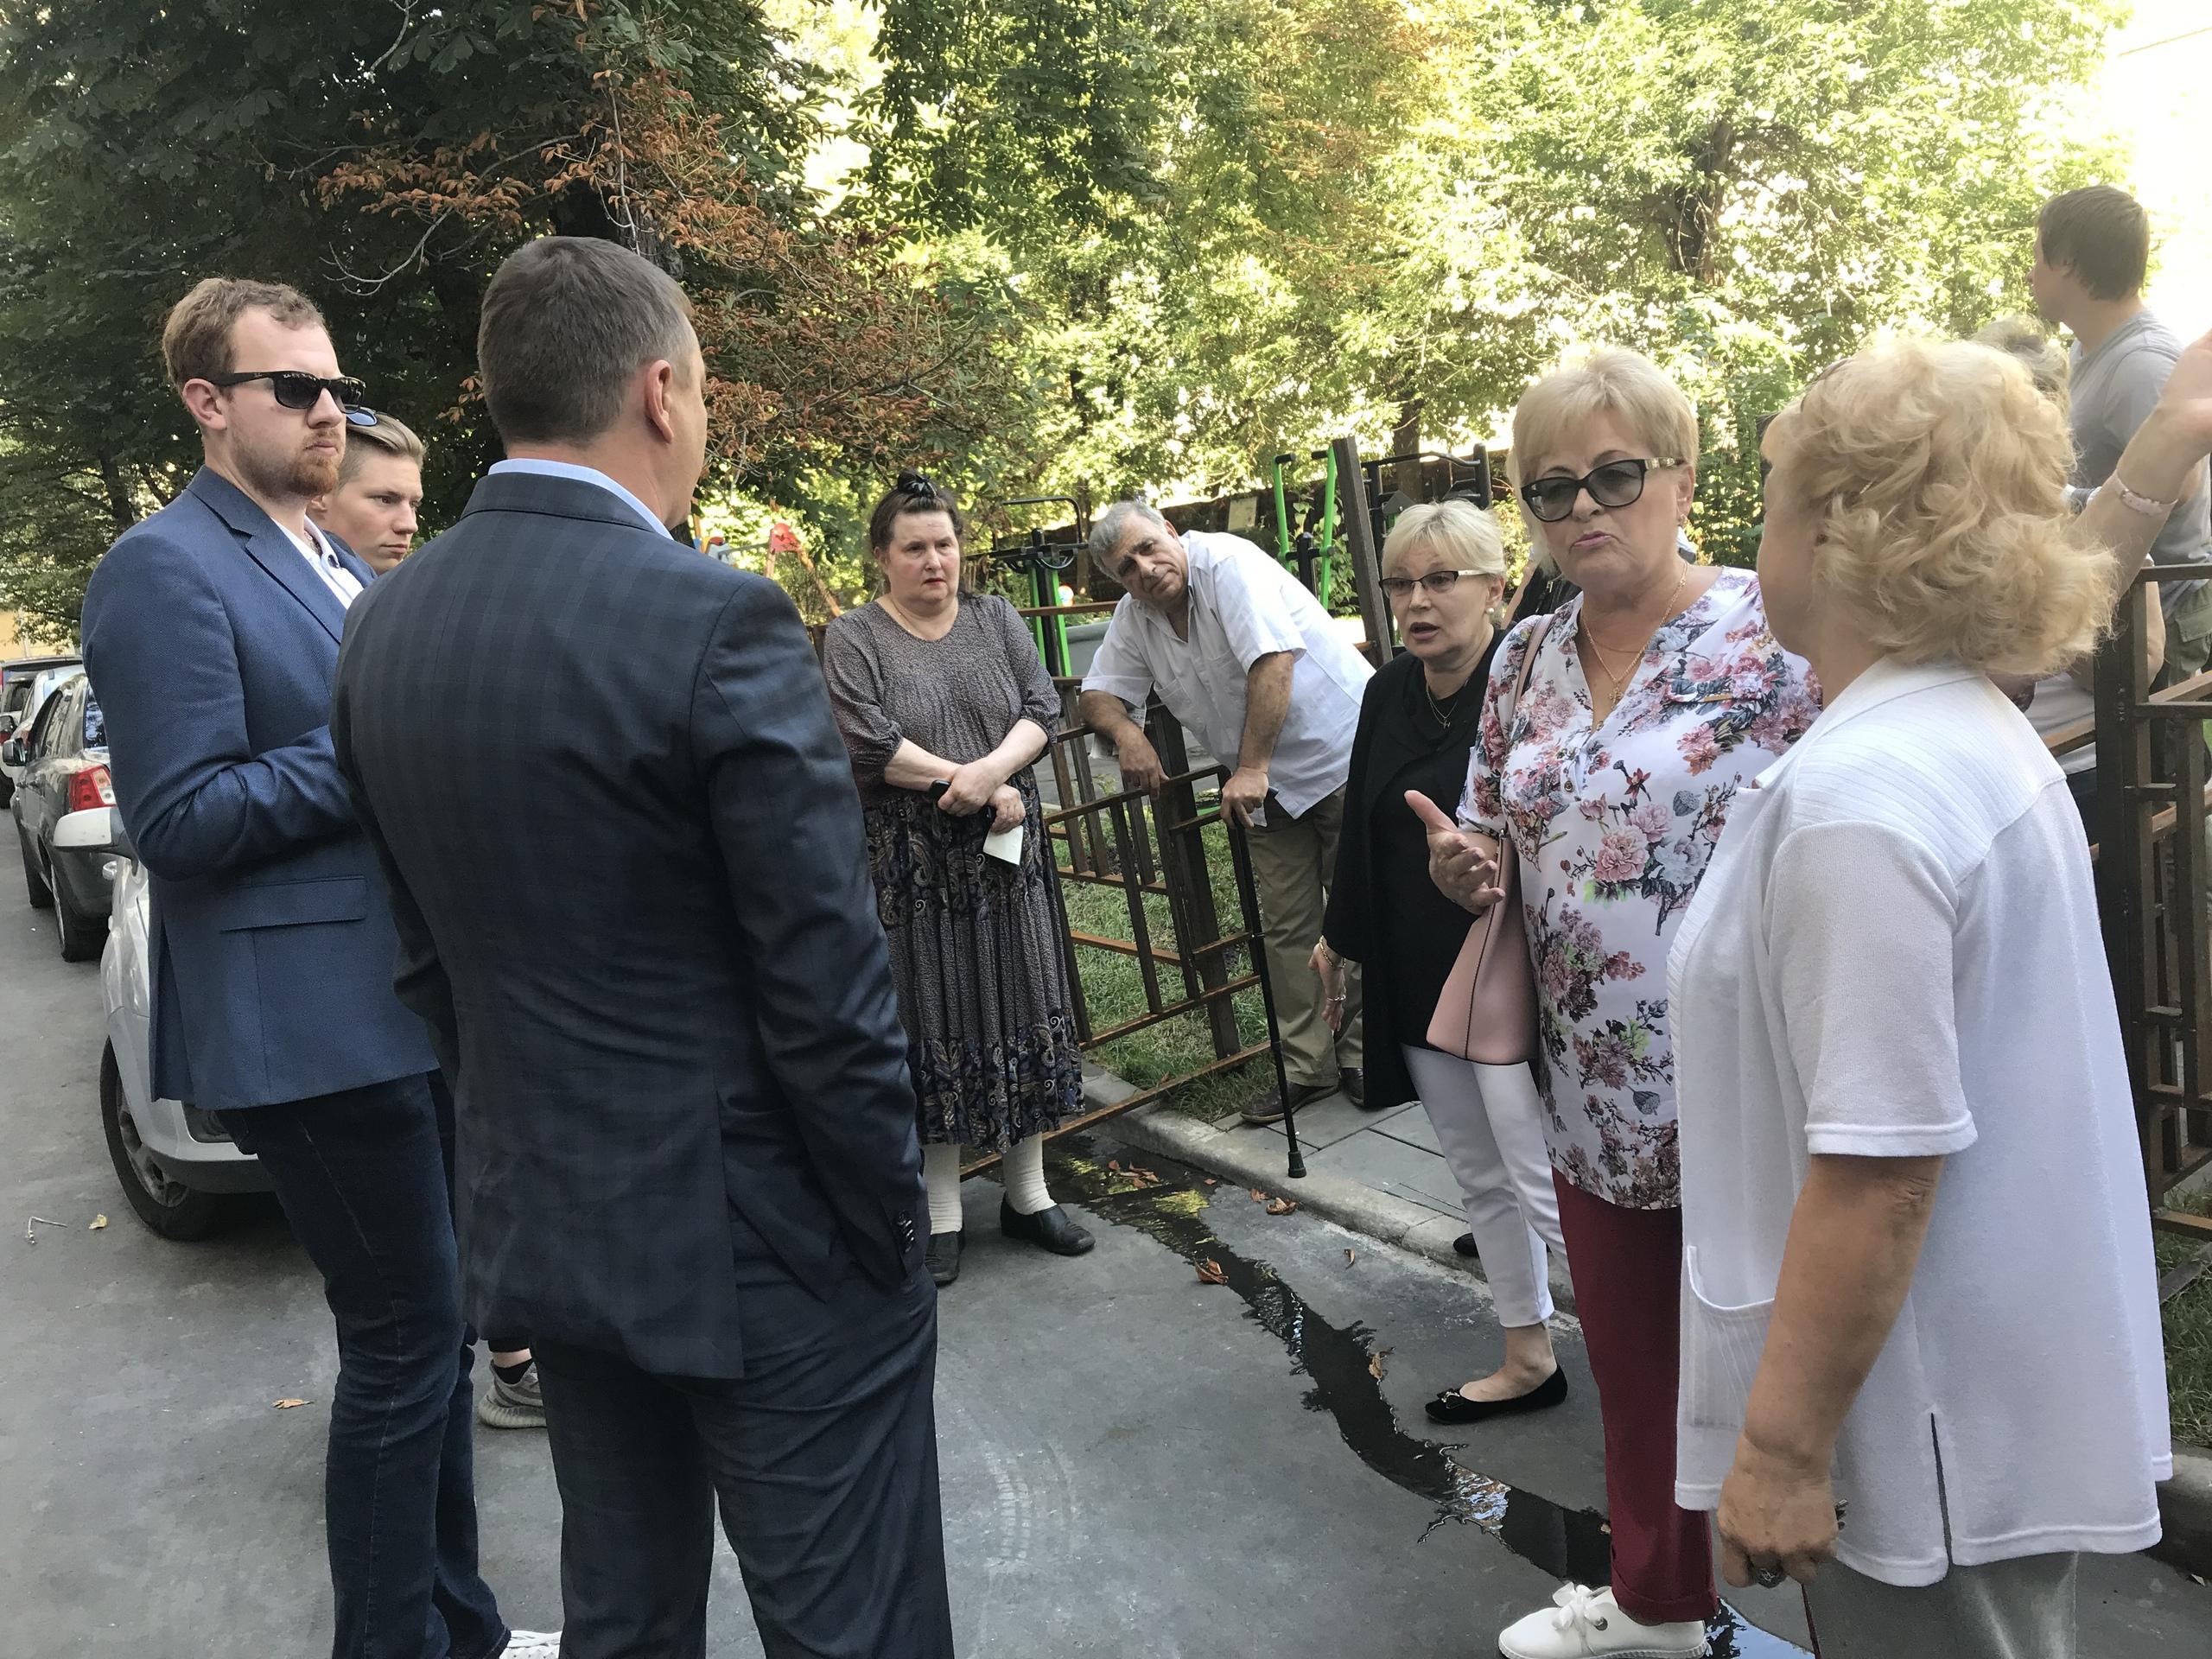 Глава управы Сергей Носков провел встречу с жителями района. Фото: официальная страница Сергея Носкова в социальных сетях